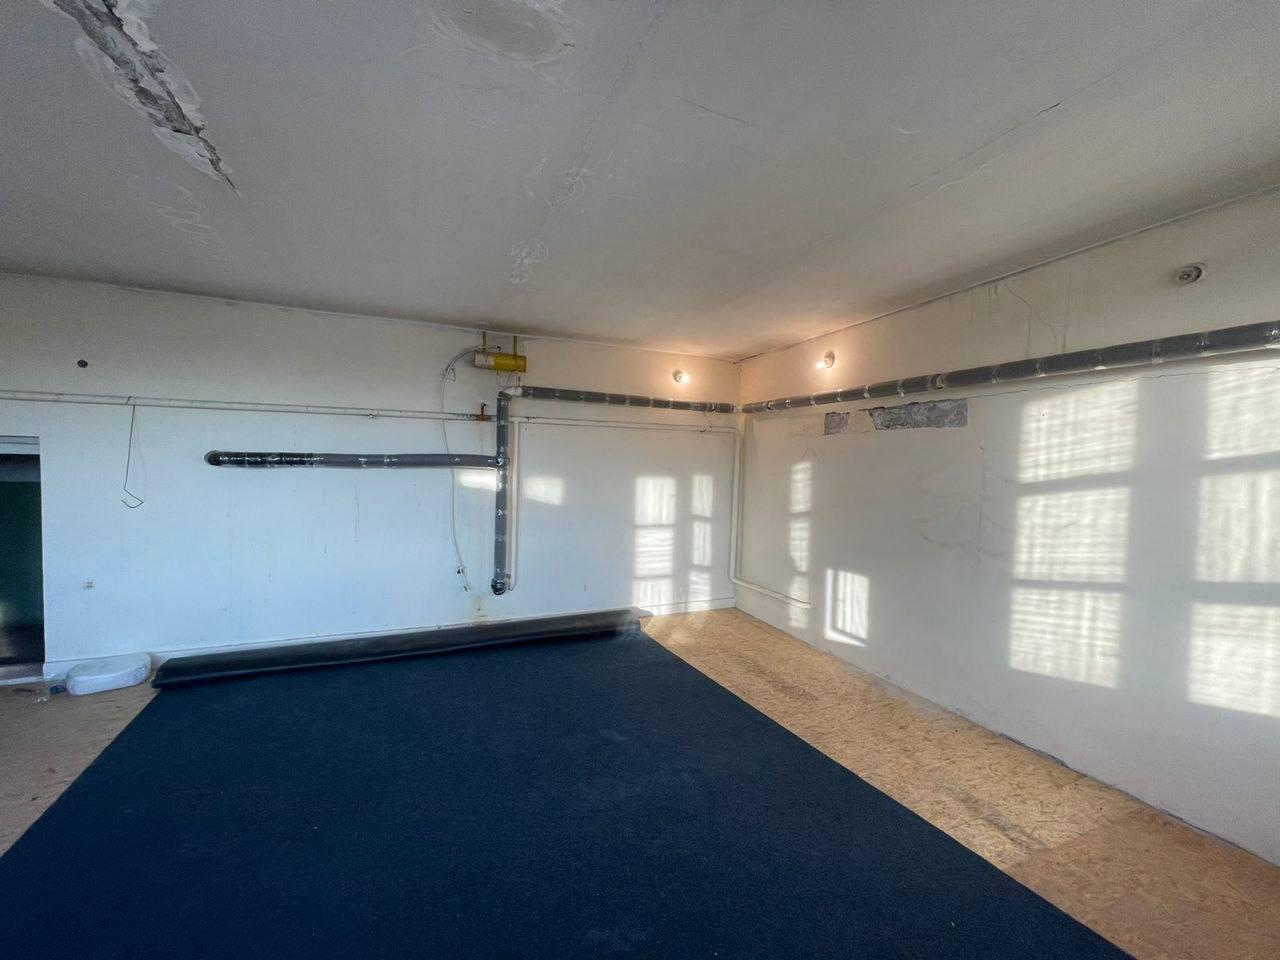 продам 2-комнатную квартиру на Небесной Сотни